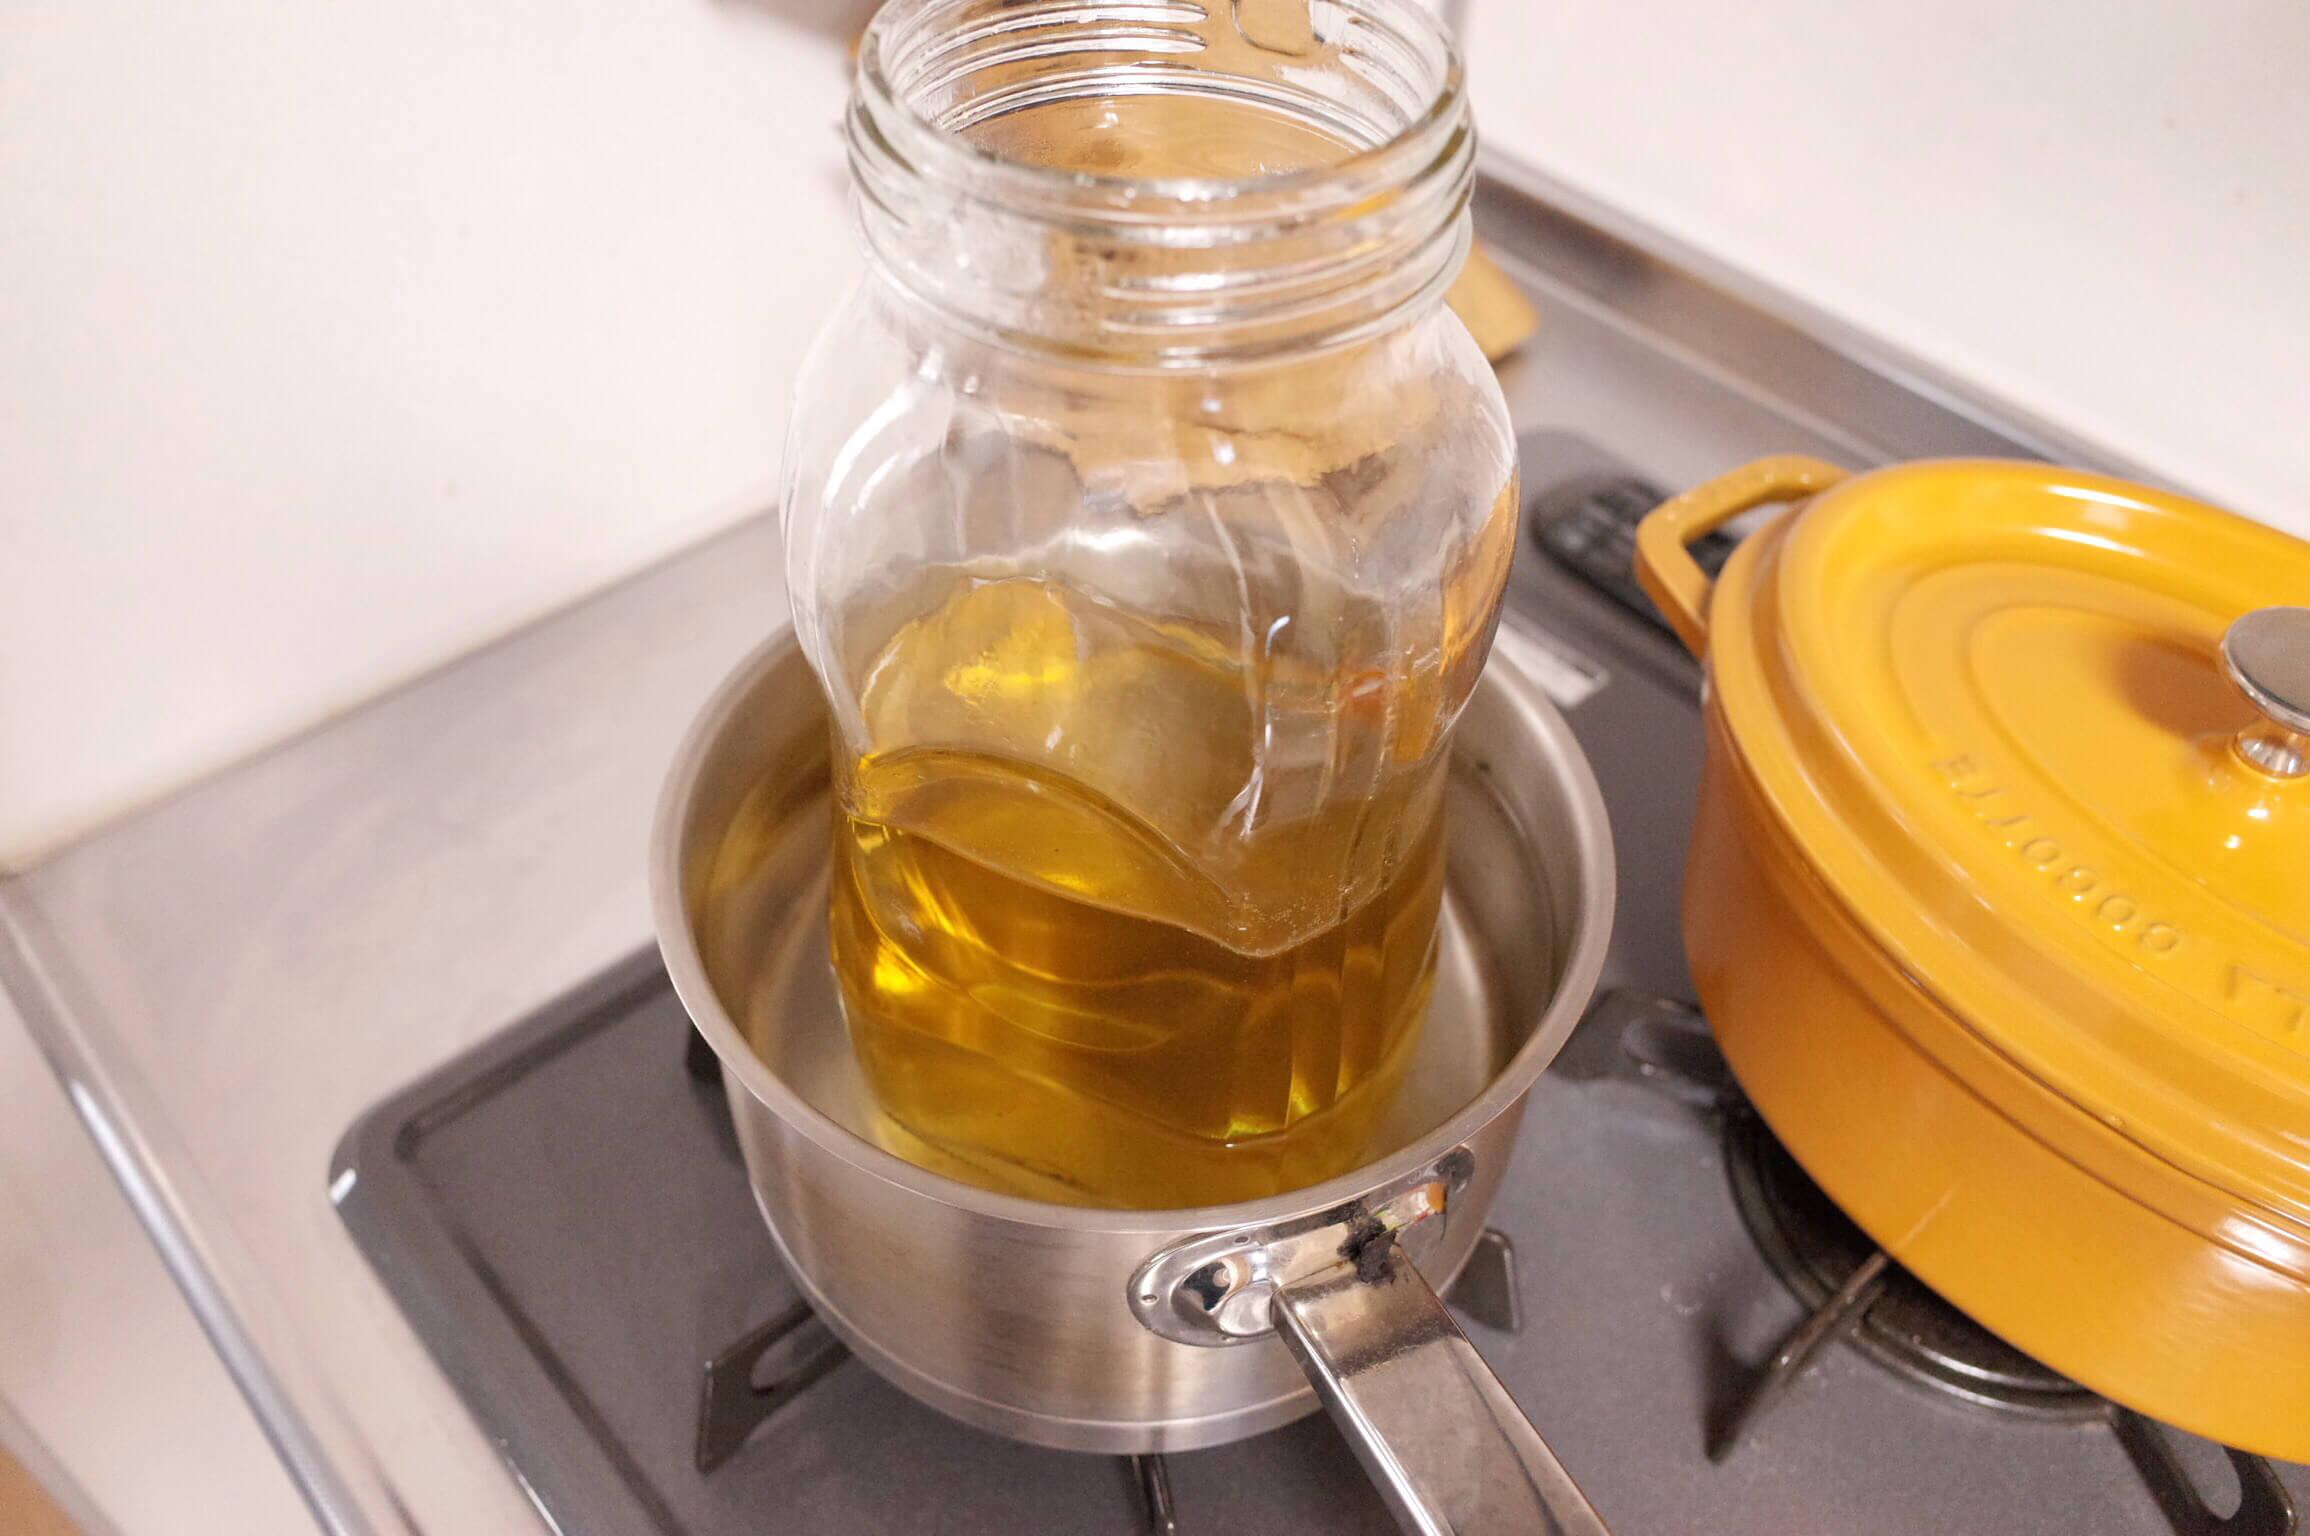 自家製梅ジュースを漬け込んで一ヶ月経過 長期保存のために梅の取り出しと加熱殺菌